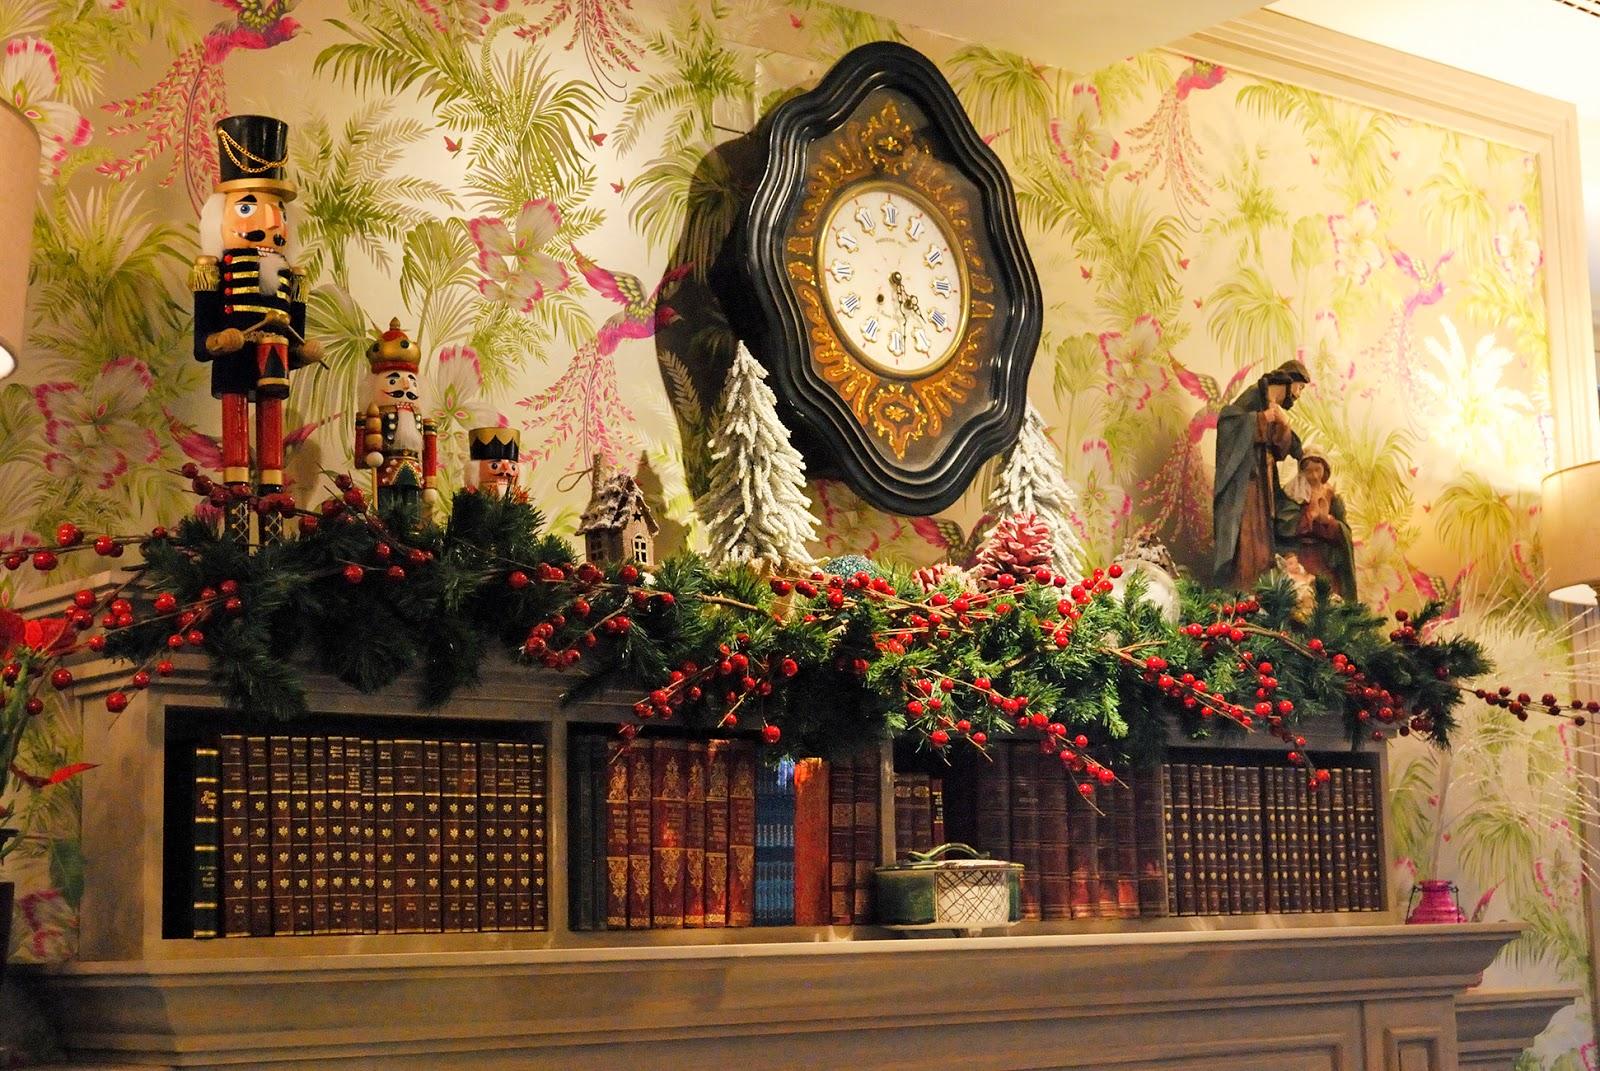 cafe de oriente madrid navidad christmas